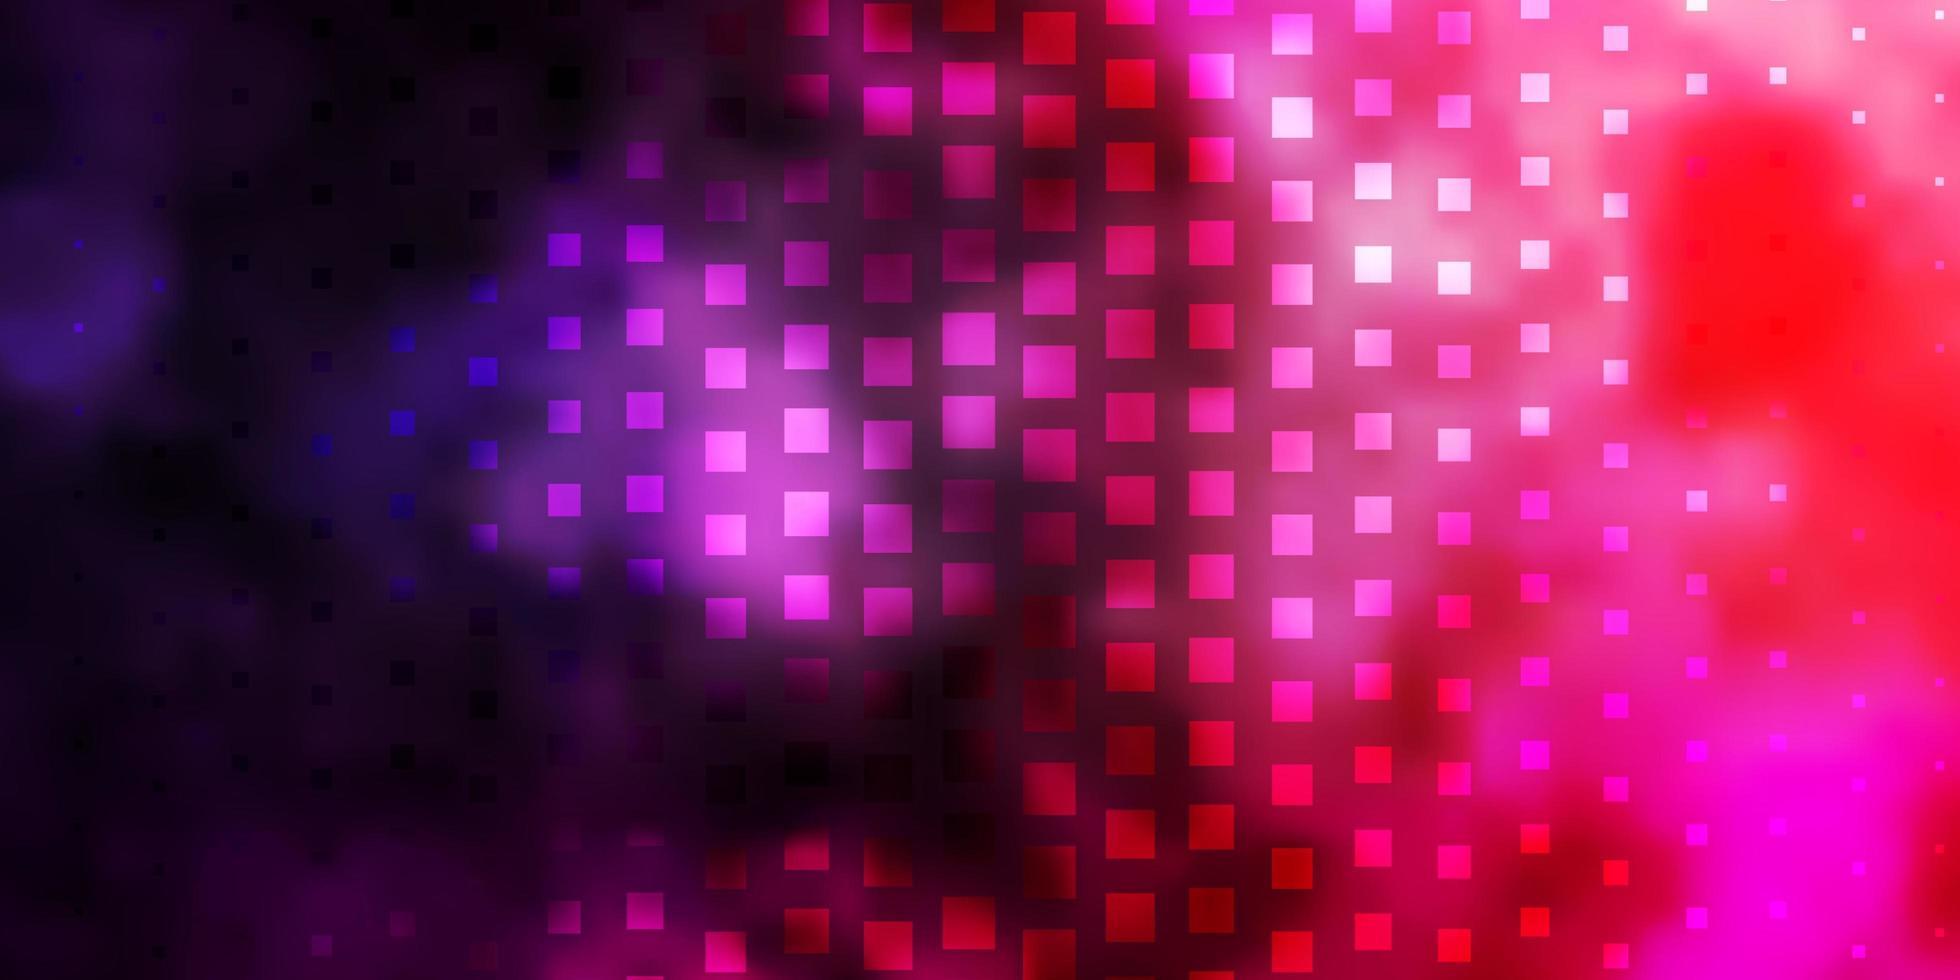 donkerpaars, roze vectorlay-out met lijnen, rechthoeken. vector